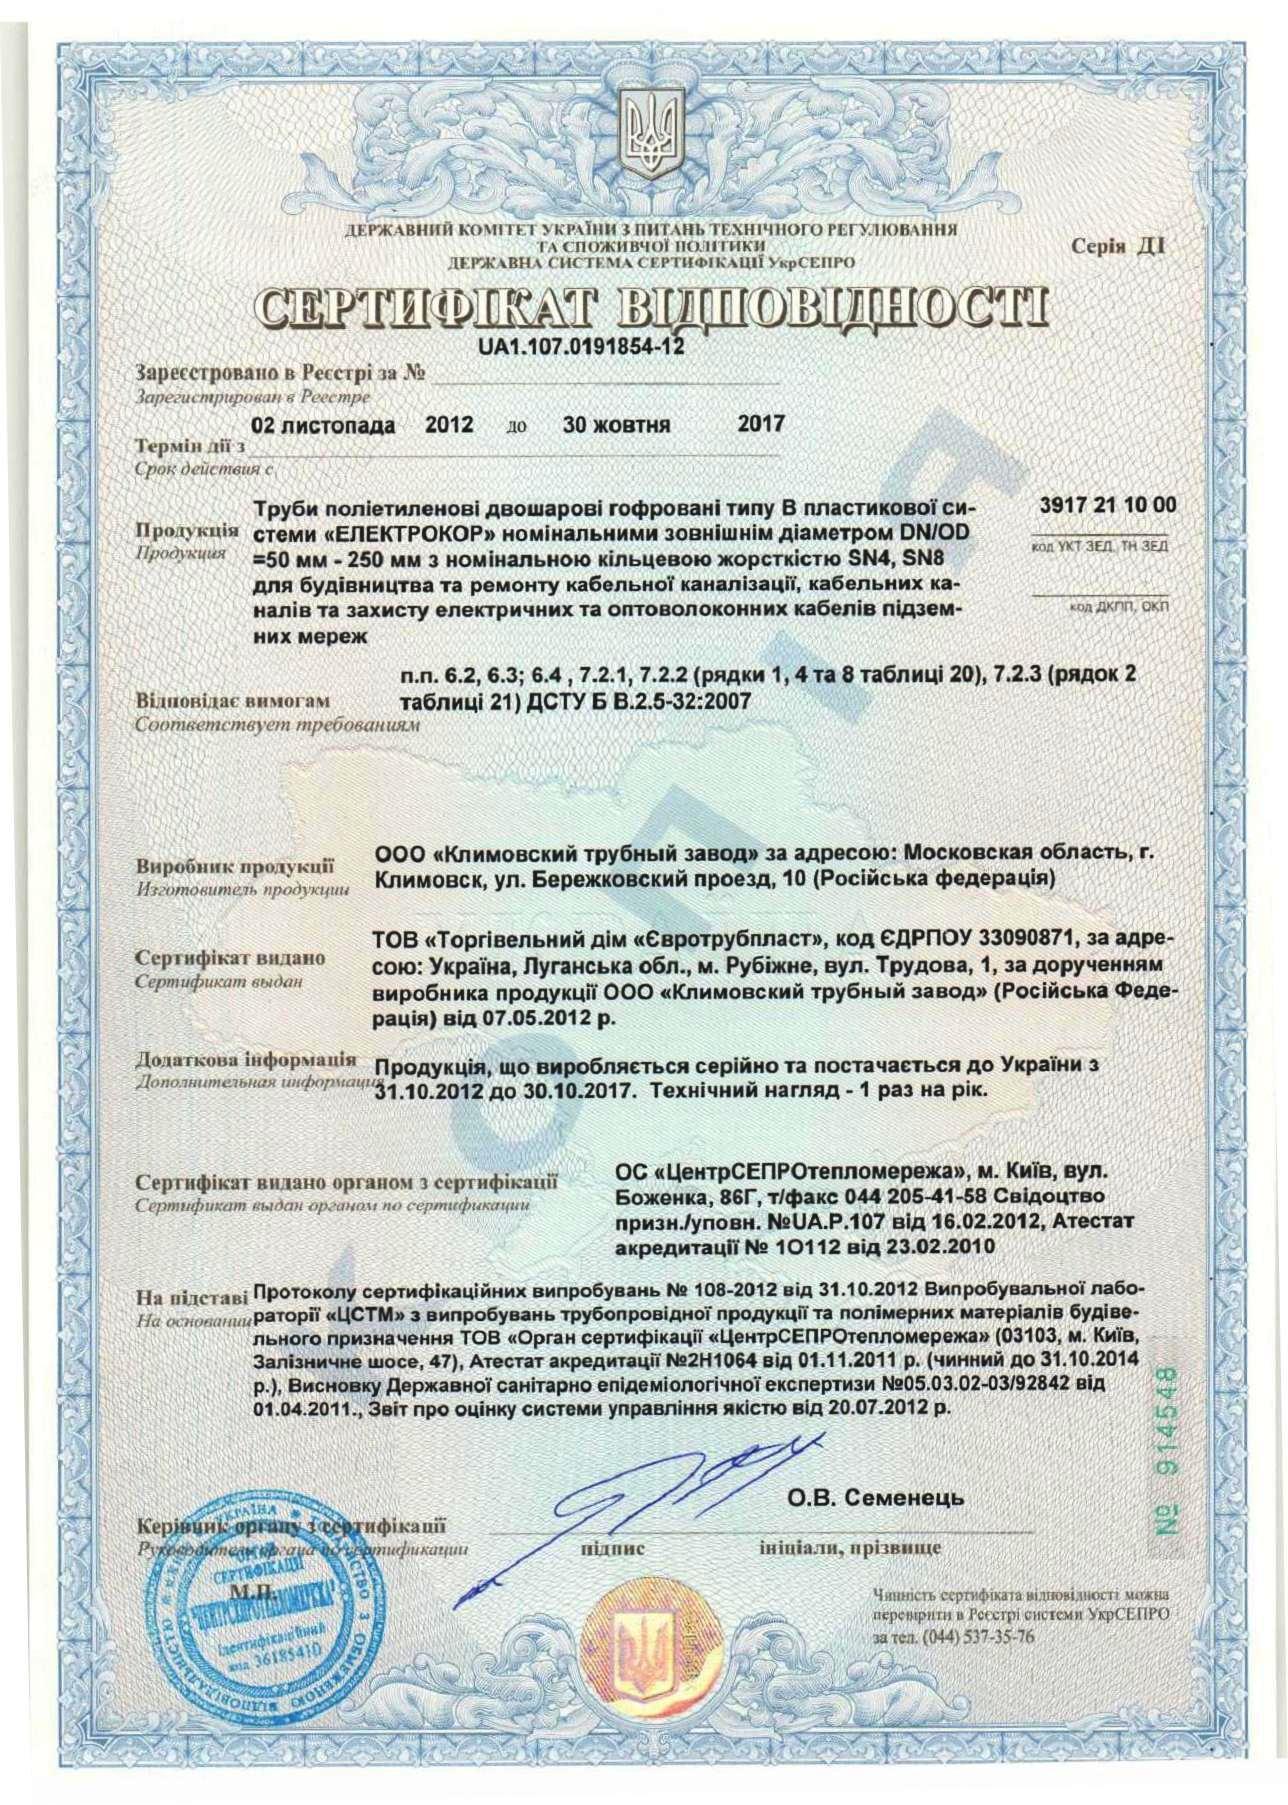 Сертификат ст-1 происхождения для госзакупок: что это такое и как получить? перечень документов и срок действия